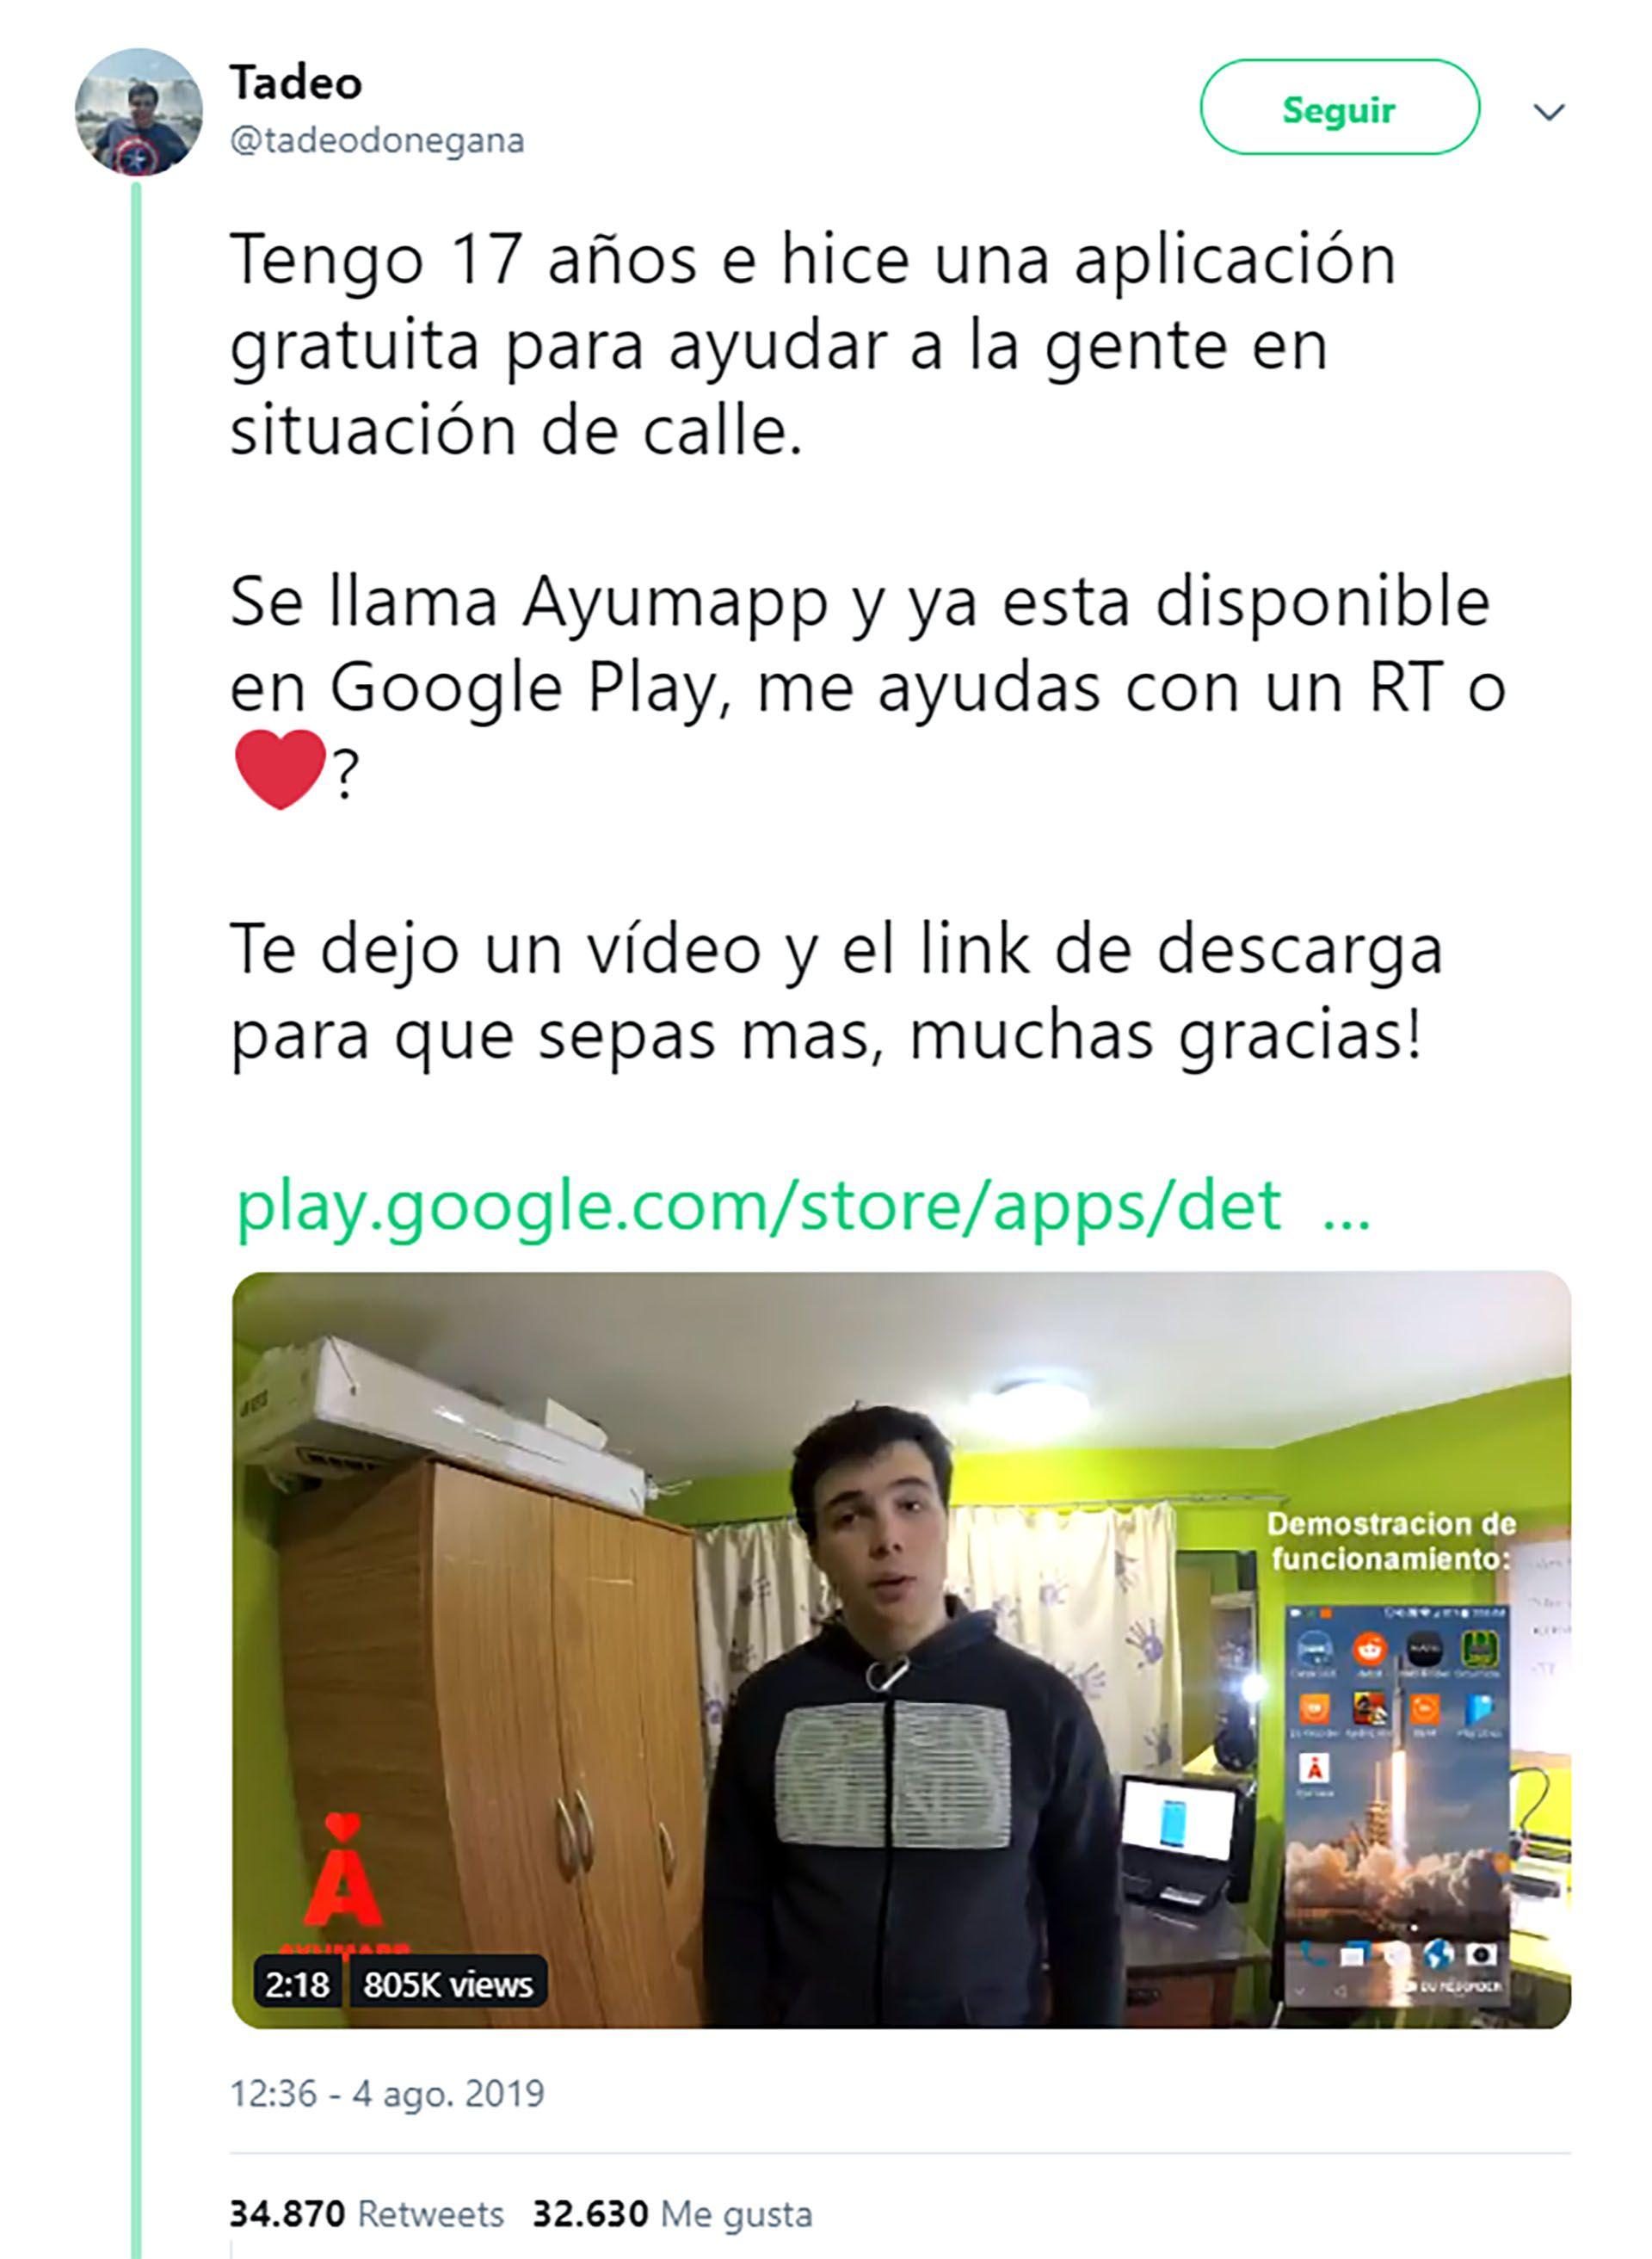 El tuit viral de Tadeo Donegana, el argentino de 17 años, contando de su app Ayumapp